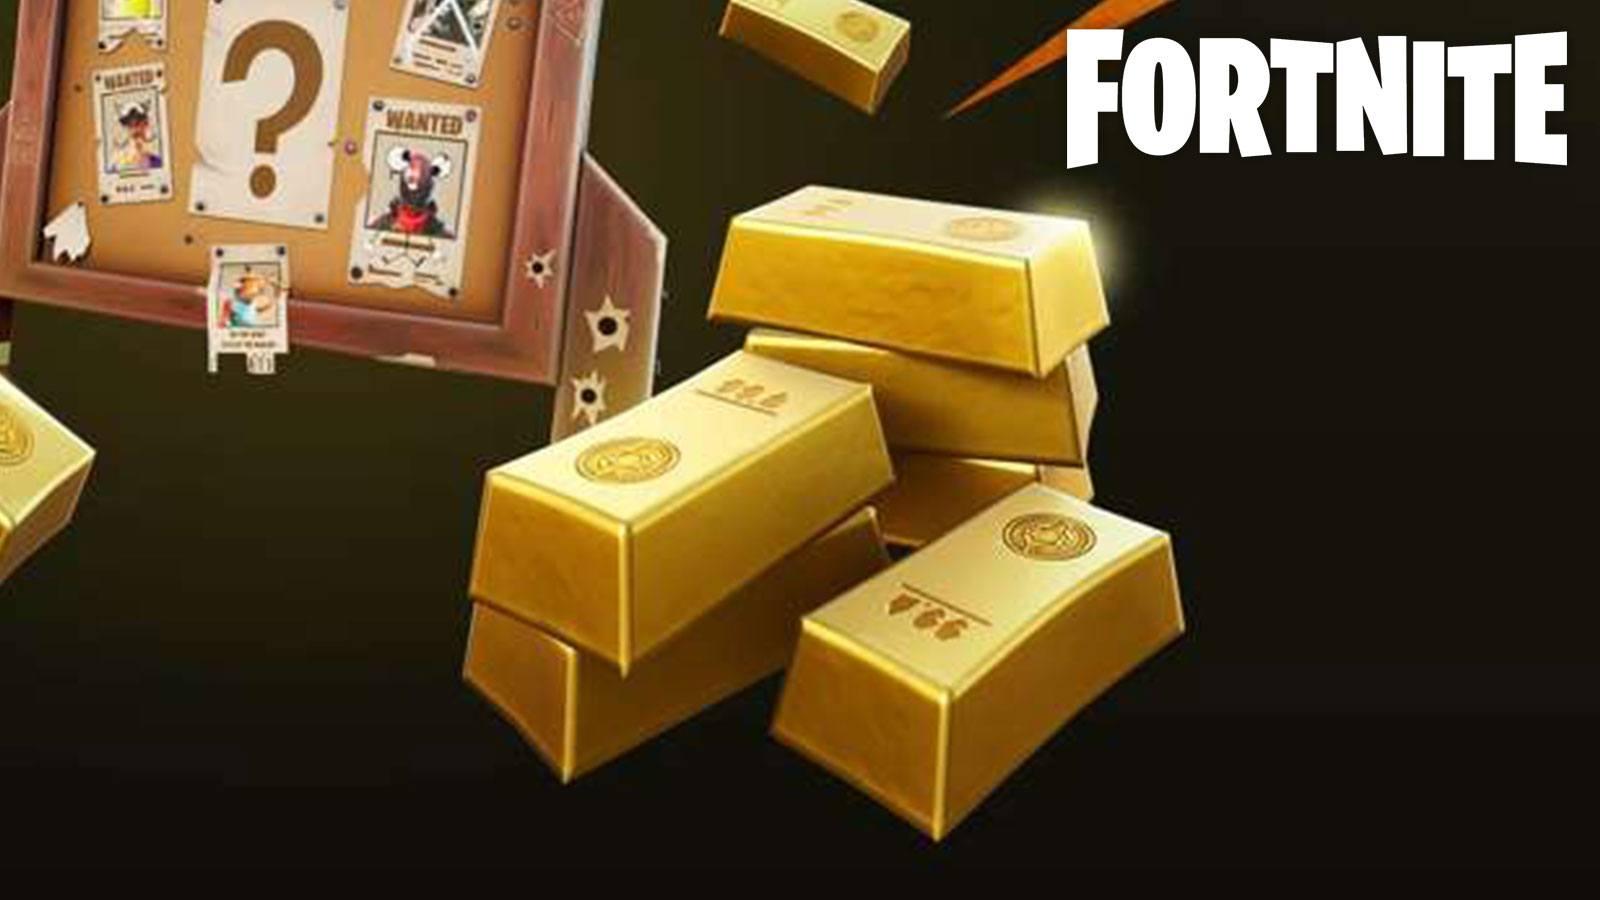 lingots d'or Fortnite